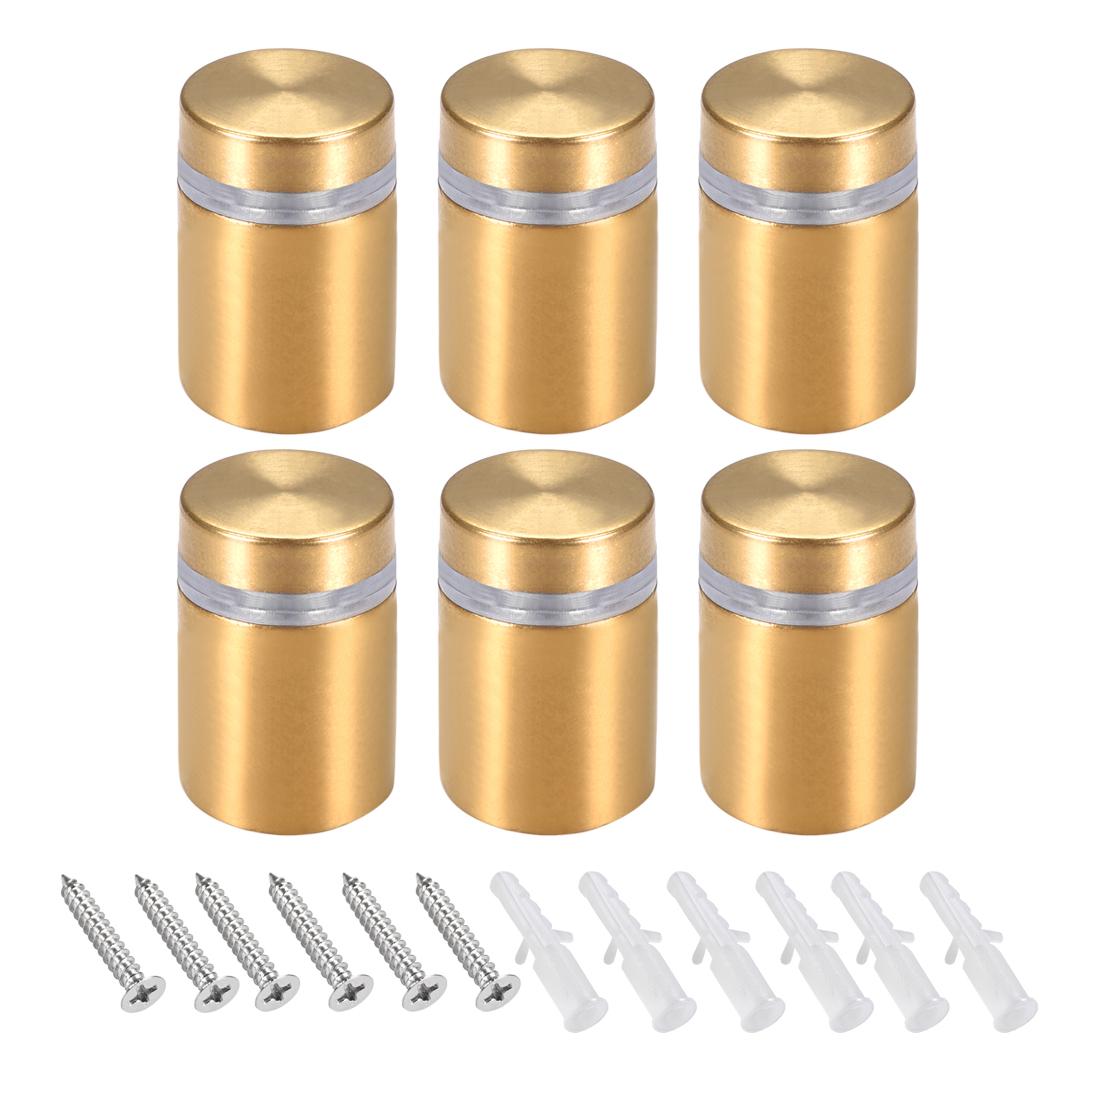 Glass Standoff Mount Wall Standoff Nails 16mm Dia 28mm Length Golden 6 Pcs